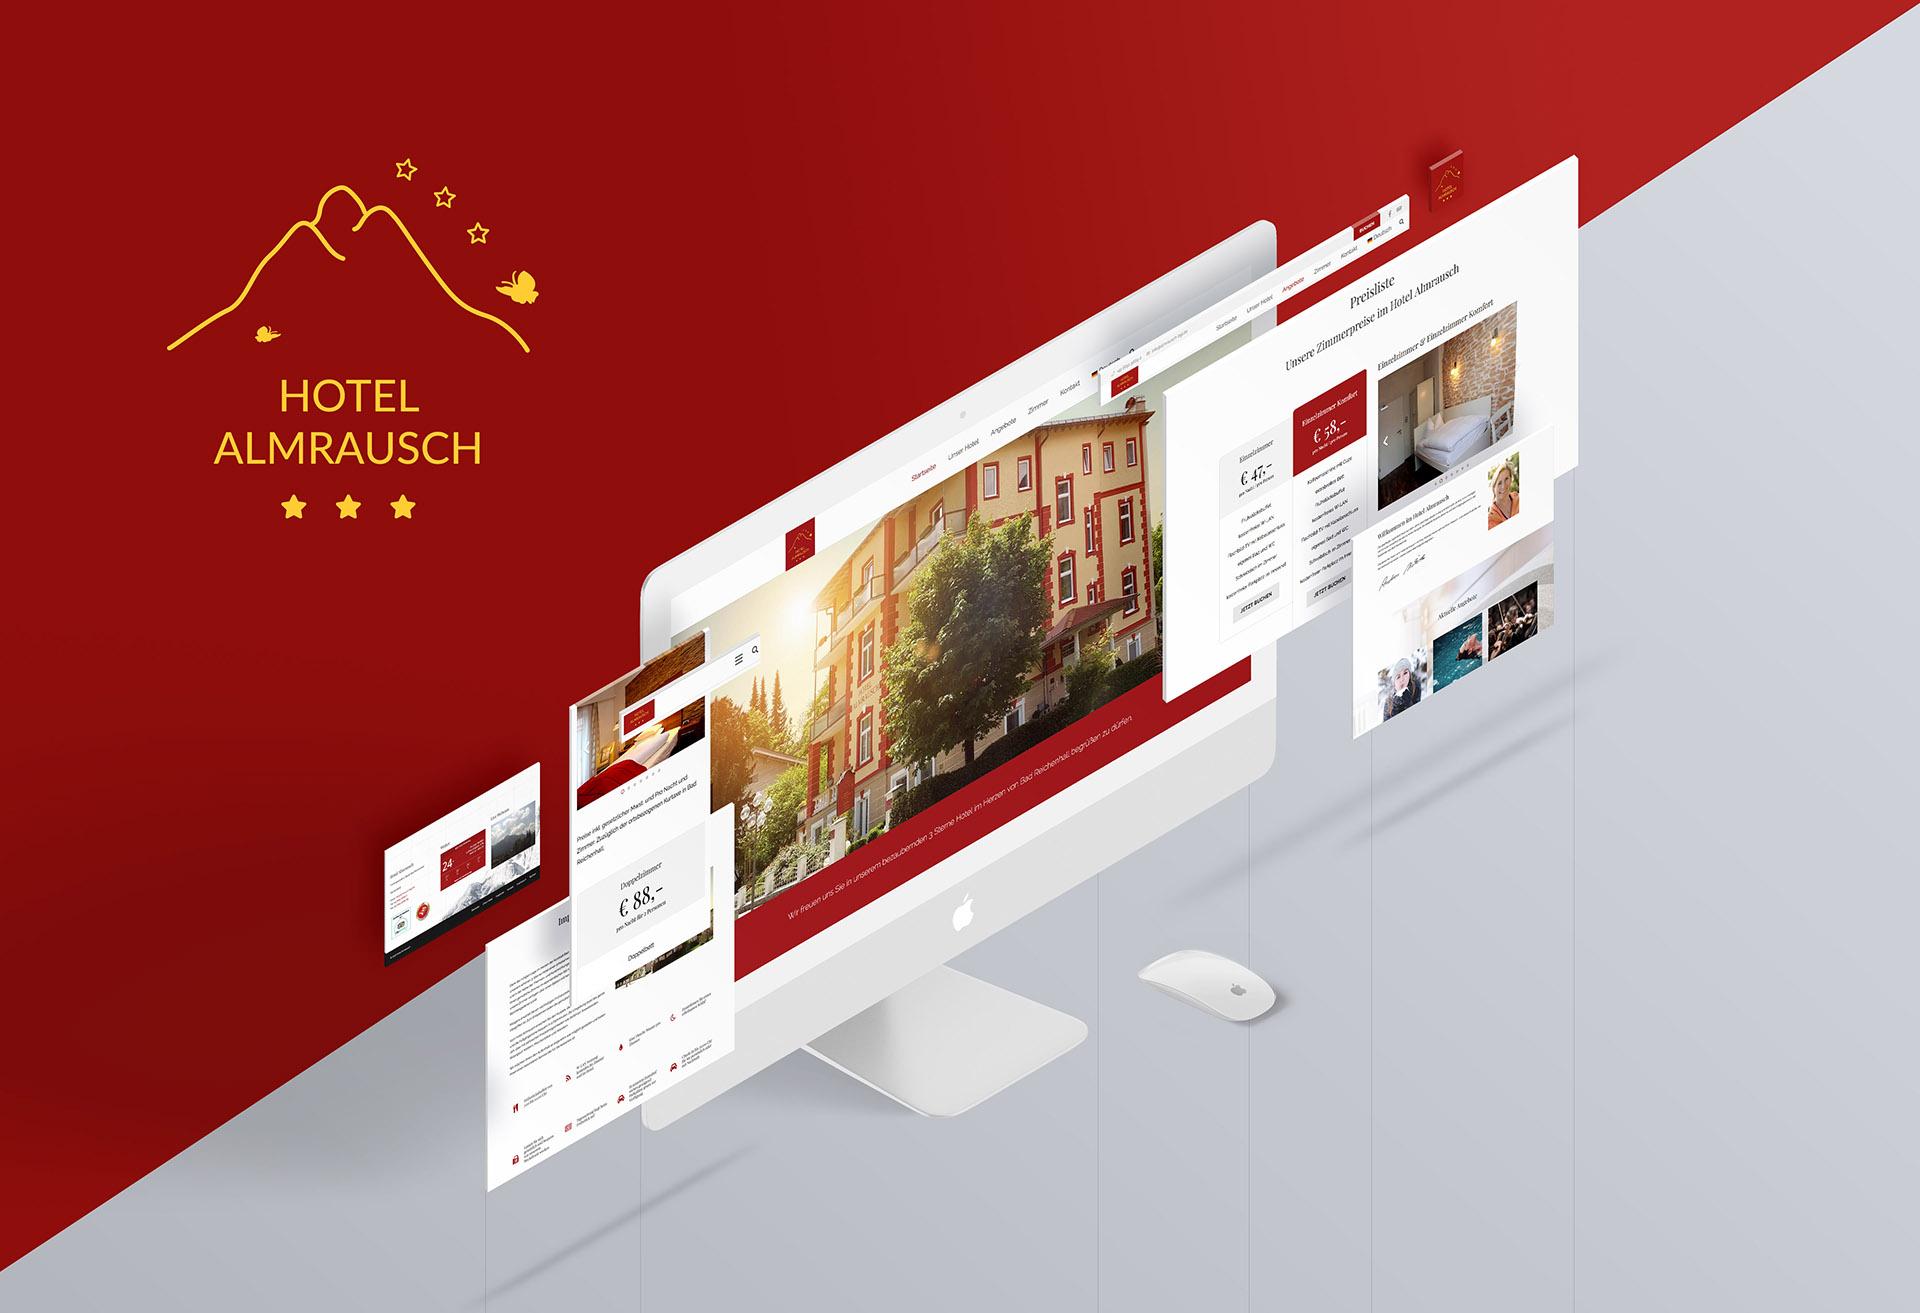 Hotel Almrausch - das herzliche Hotel in Bad Reichenhall 1